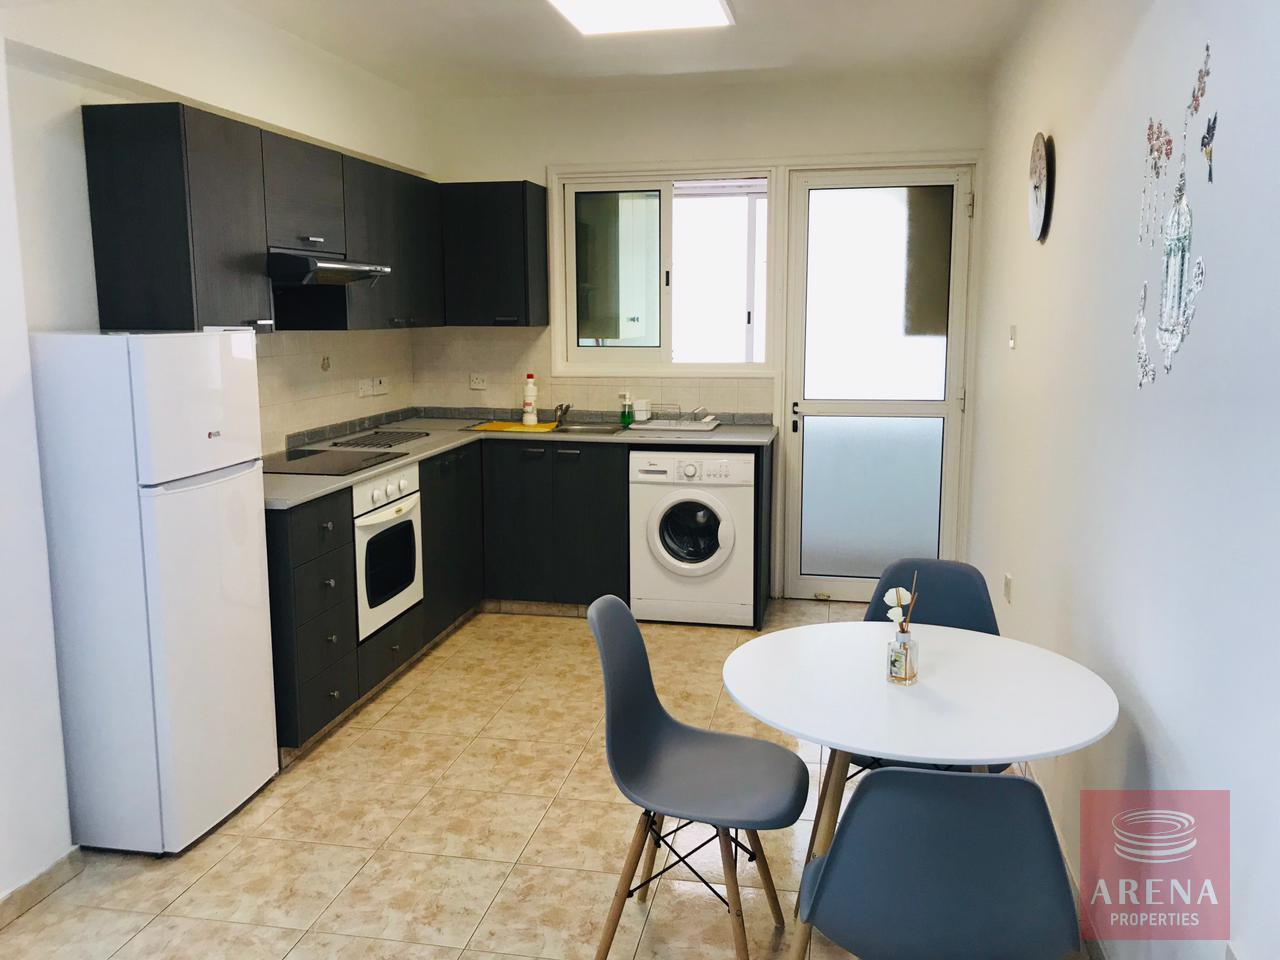 2 bes apt for rent in Makenzie - kitchen